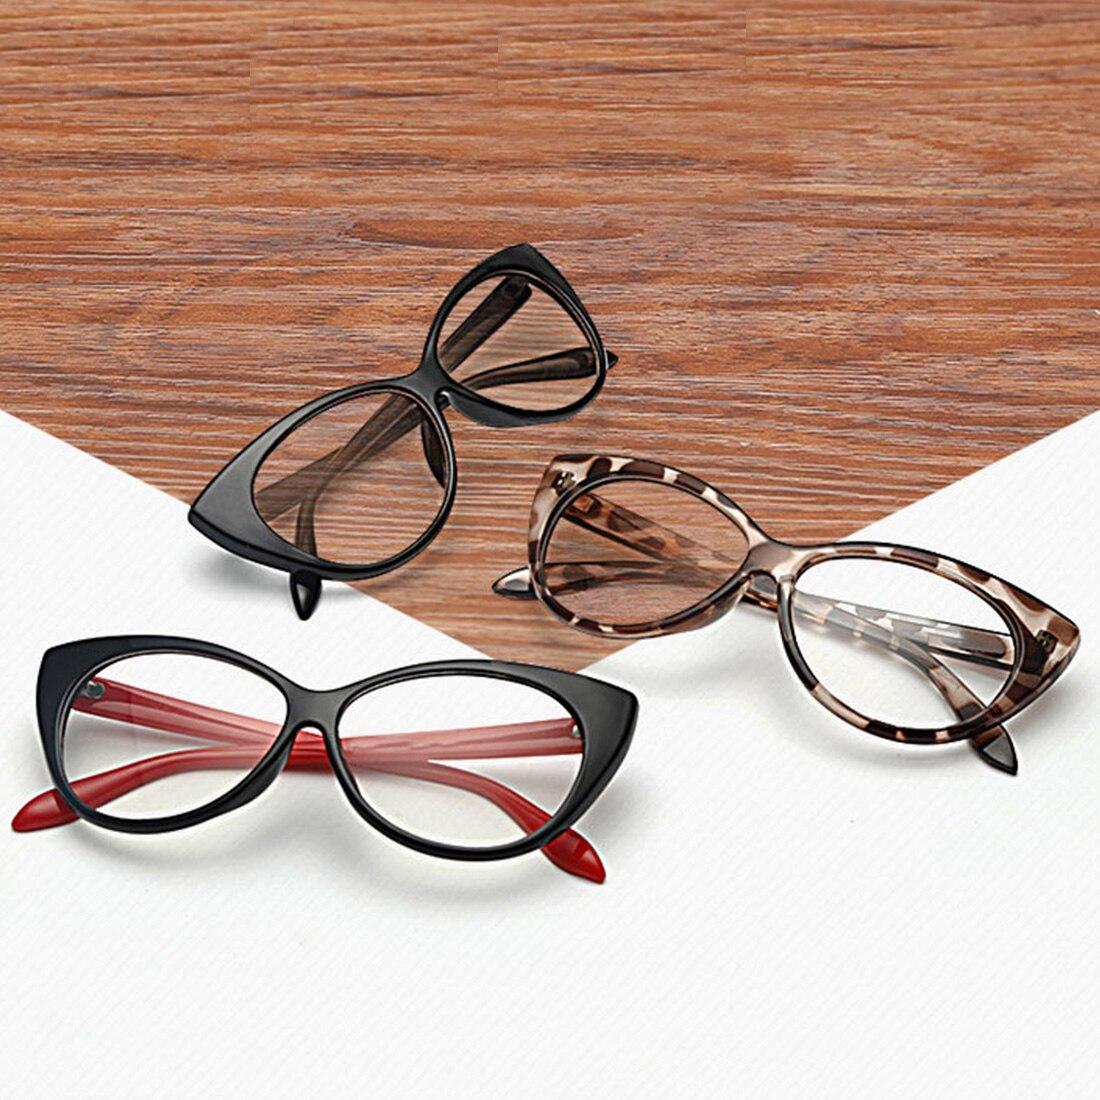 Top Sell Modern Elegant Cat Eyes Shape Glasses Frame For Ladies Acetate Optical Frames Retro Plastic Plain Glasses 5 Colors